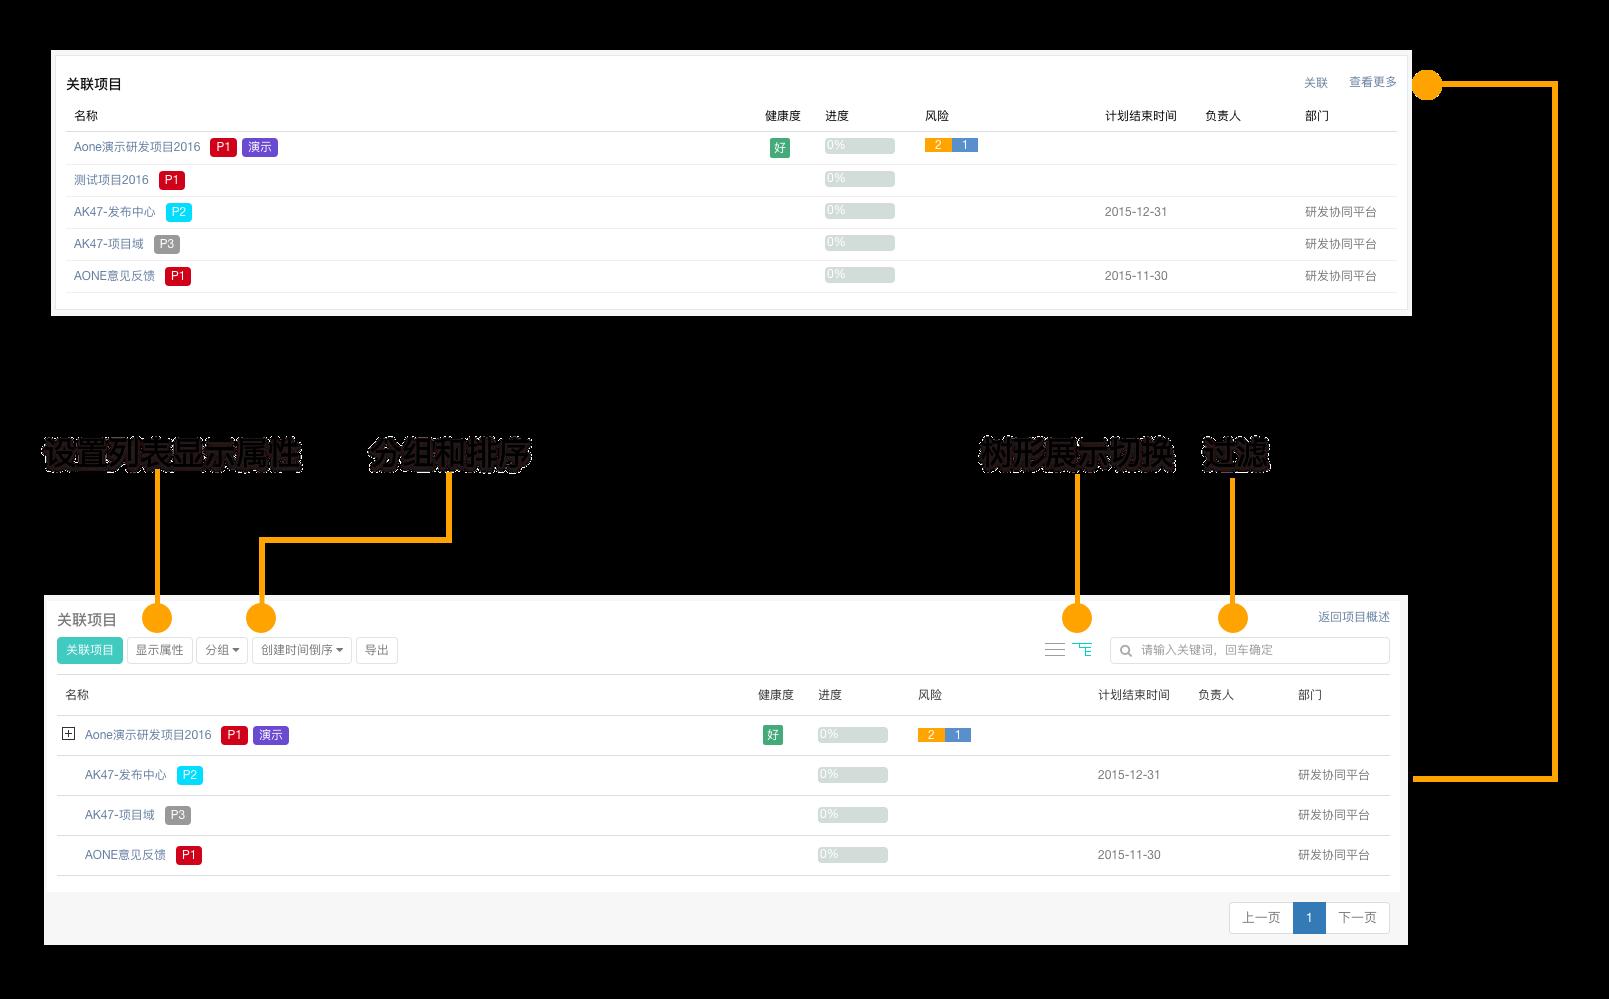 项目集-过滤分组排序